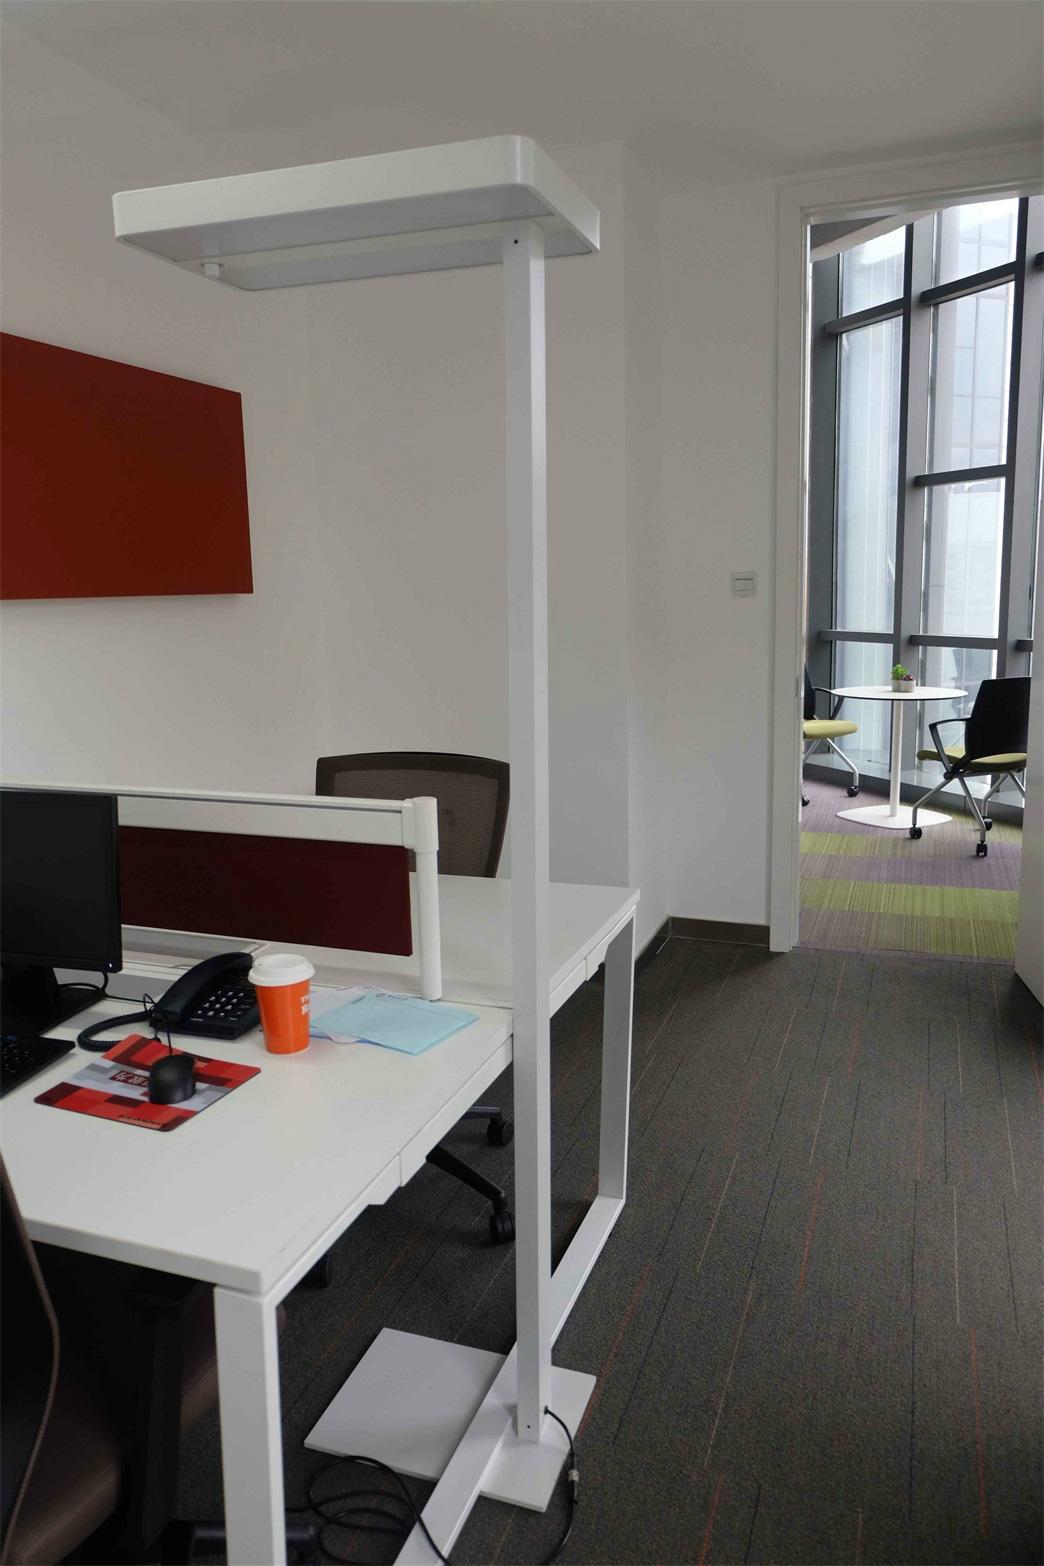 Uispair Modern Office 10W 32V Steel Base LED Floor Lamp 2